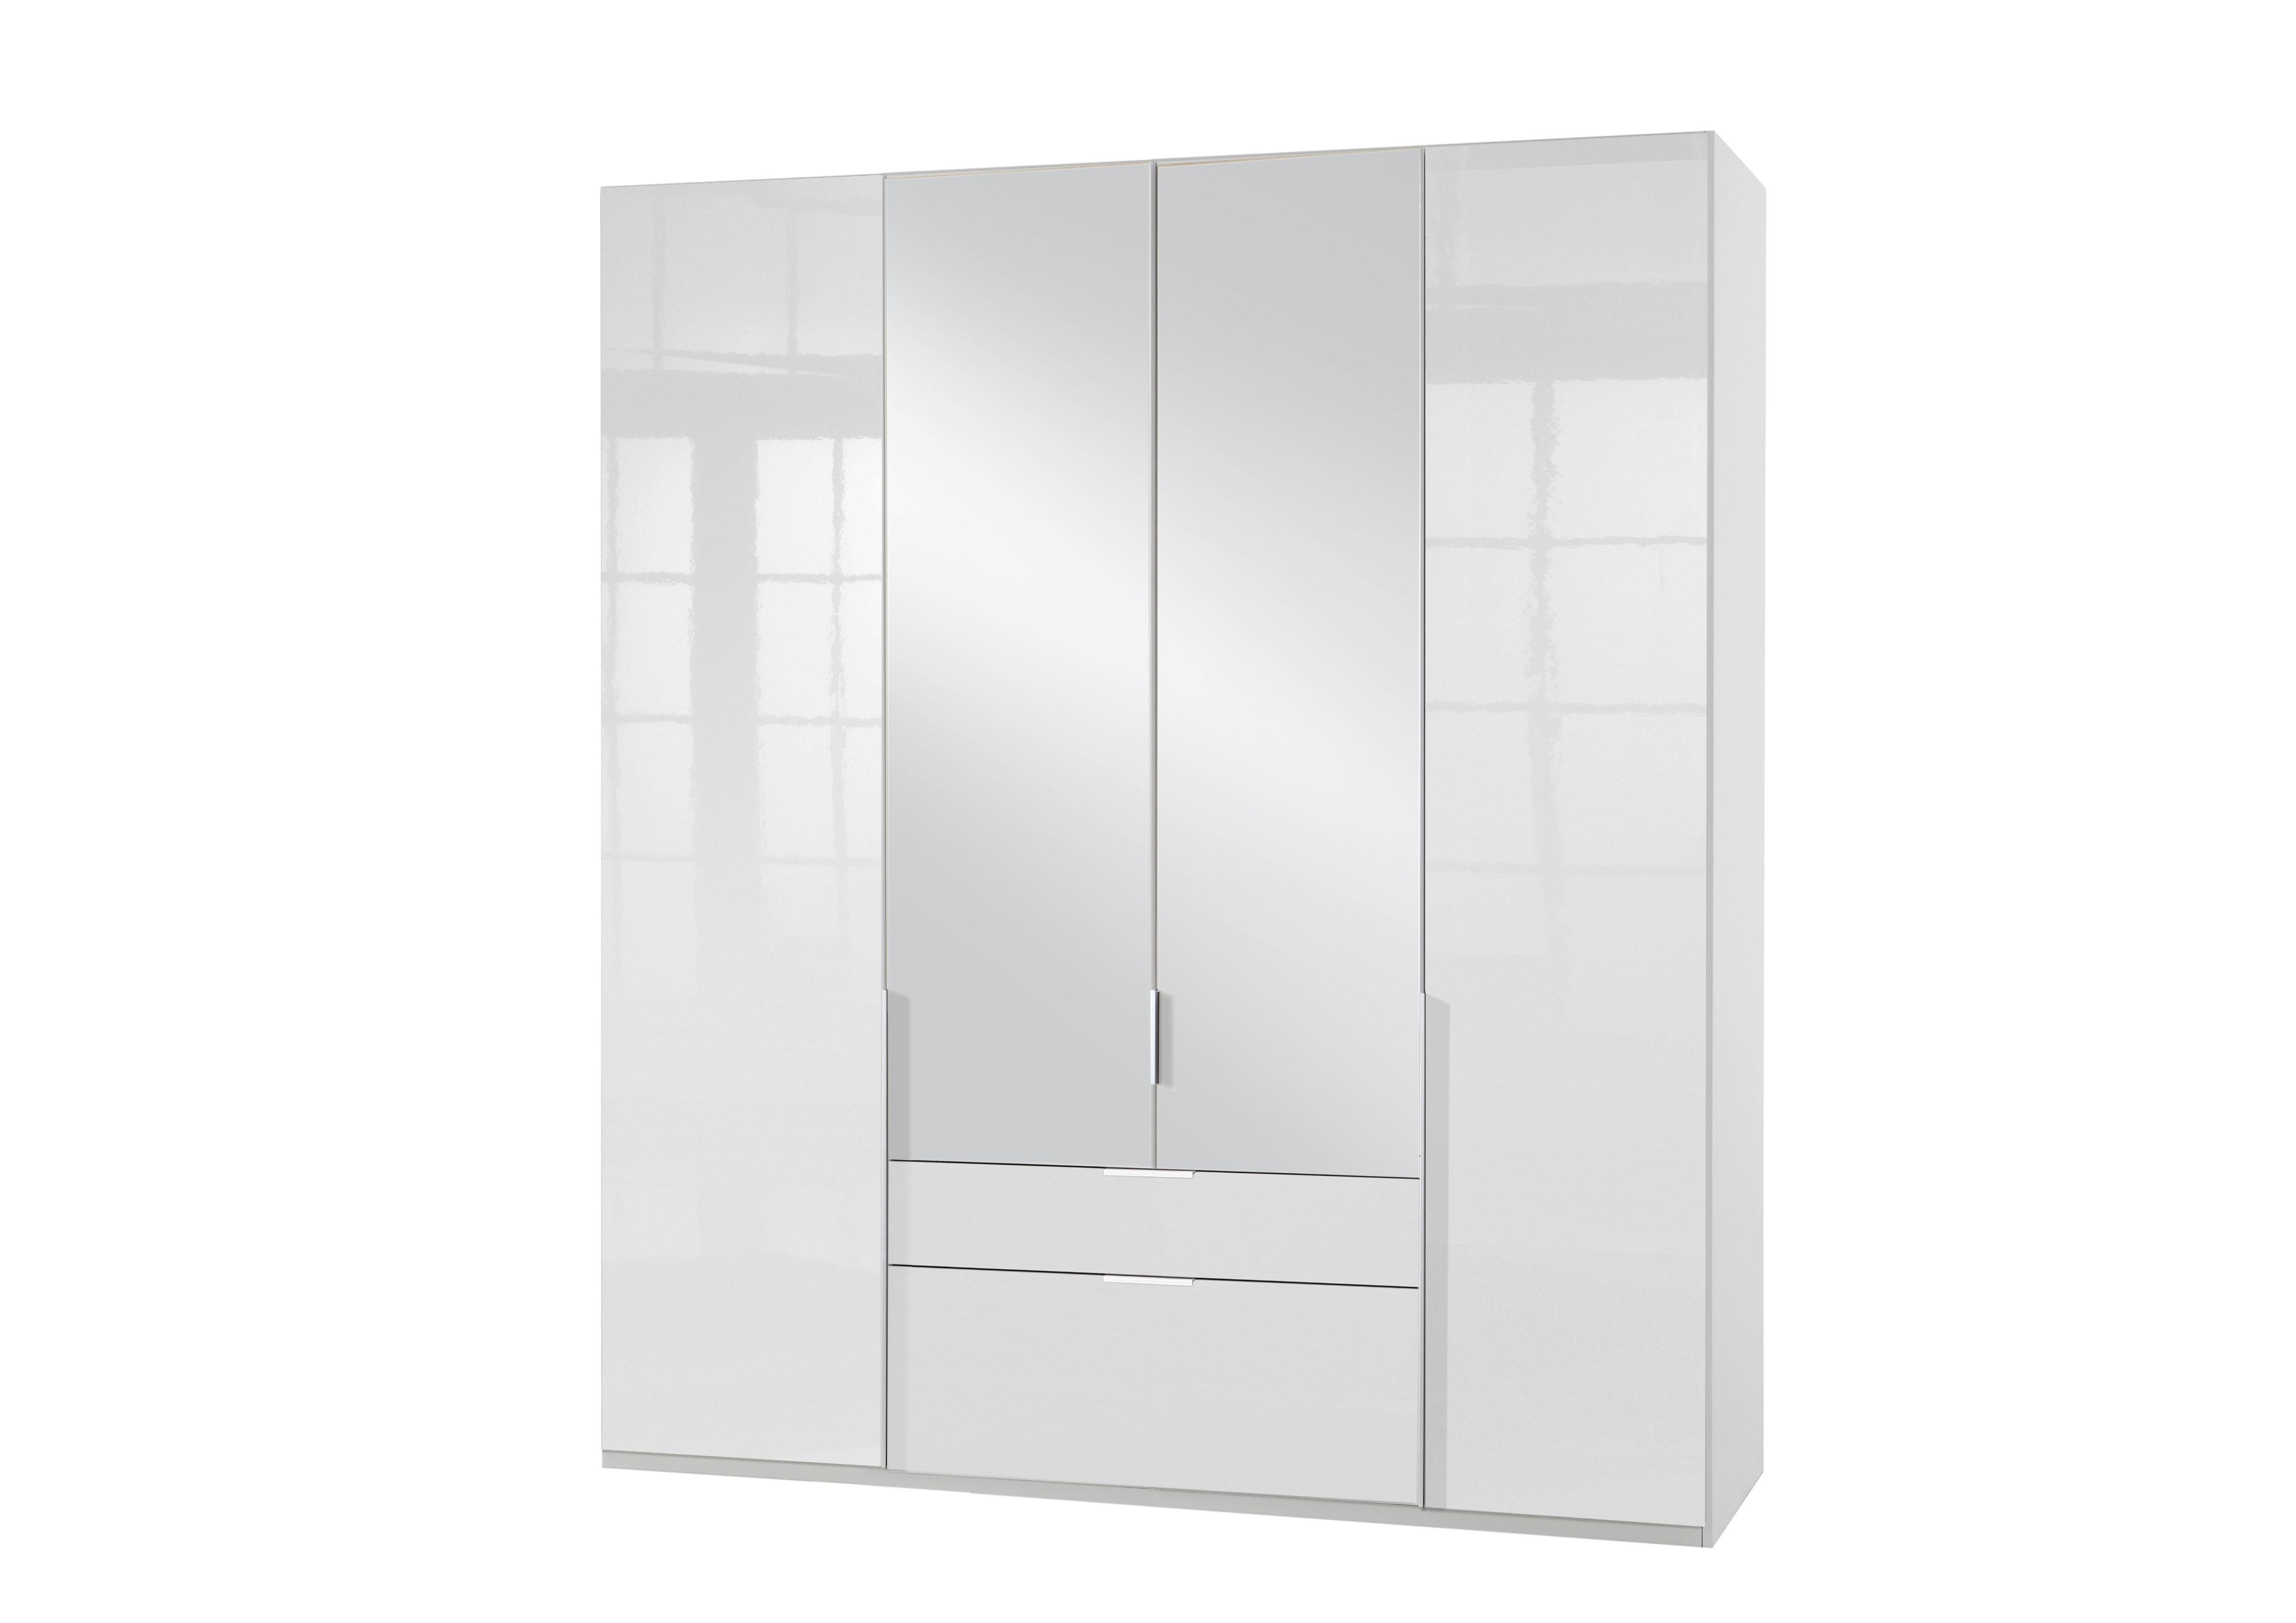 Armoire adulte design 4 portes/2 tiroirs laqué blanc cassé Orlando